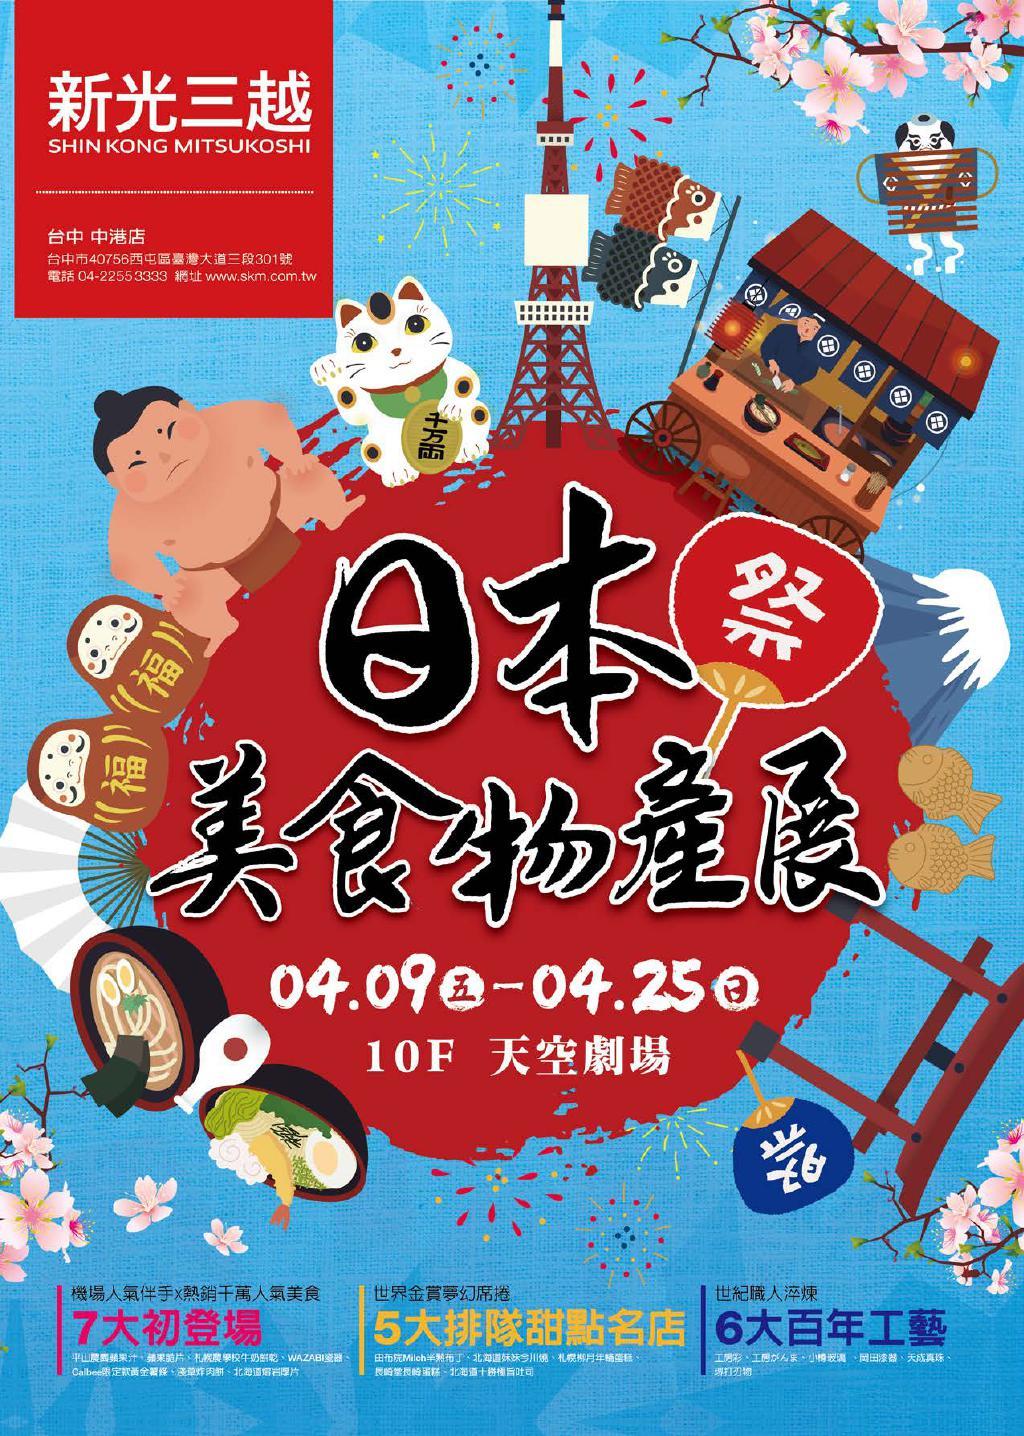 新光三越《台中中港店》DM 2021日本商品展【2021/4/25 止】